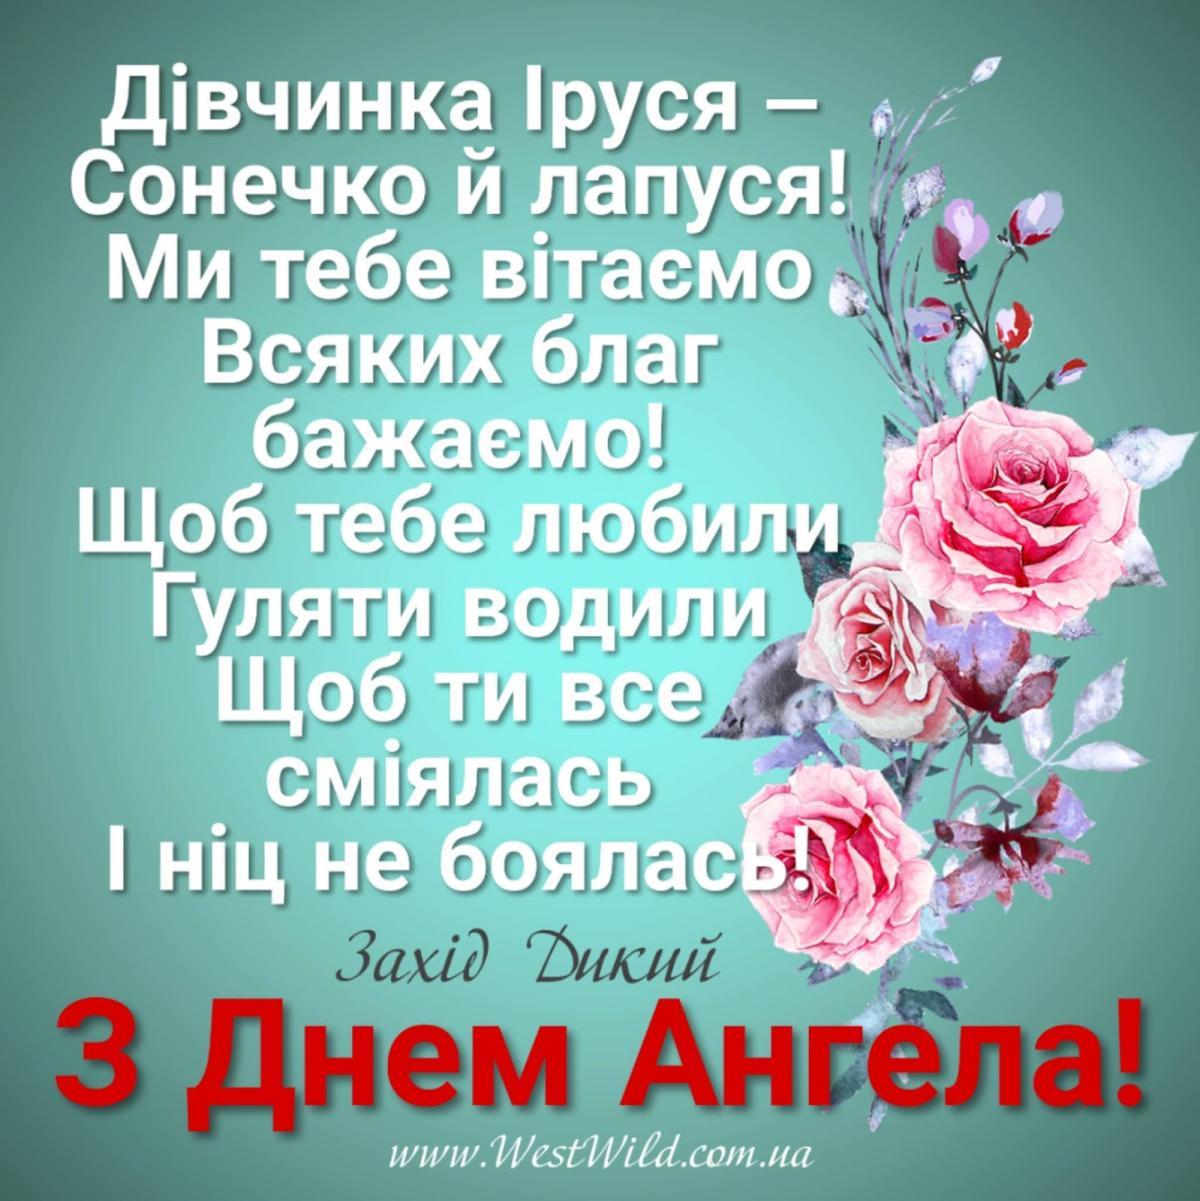 Привітання з Днем Ірини / westwild.com.ua